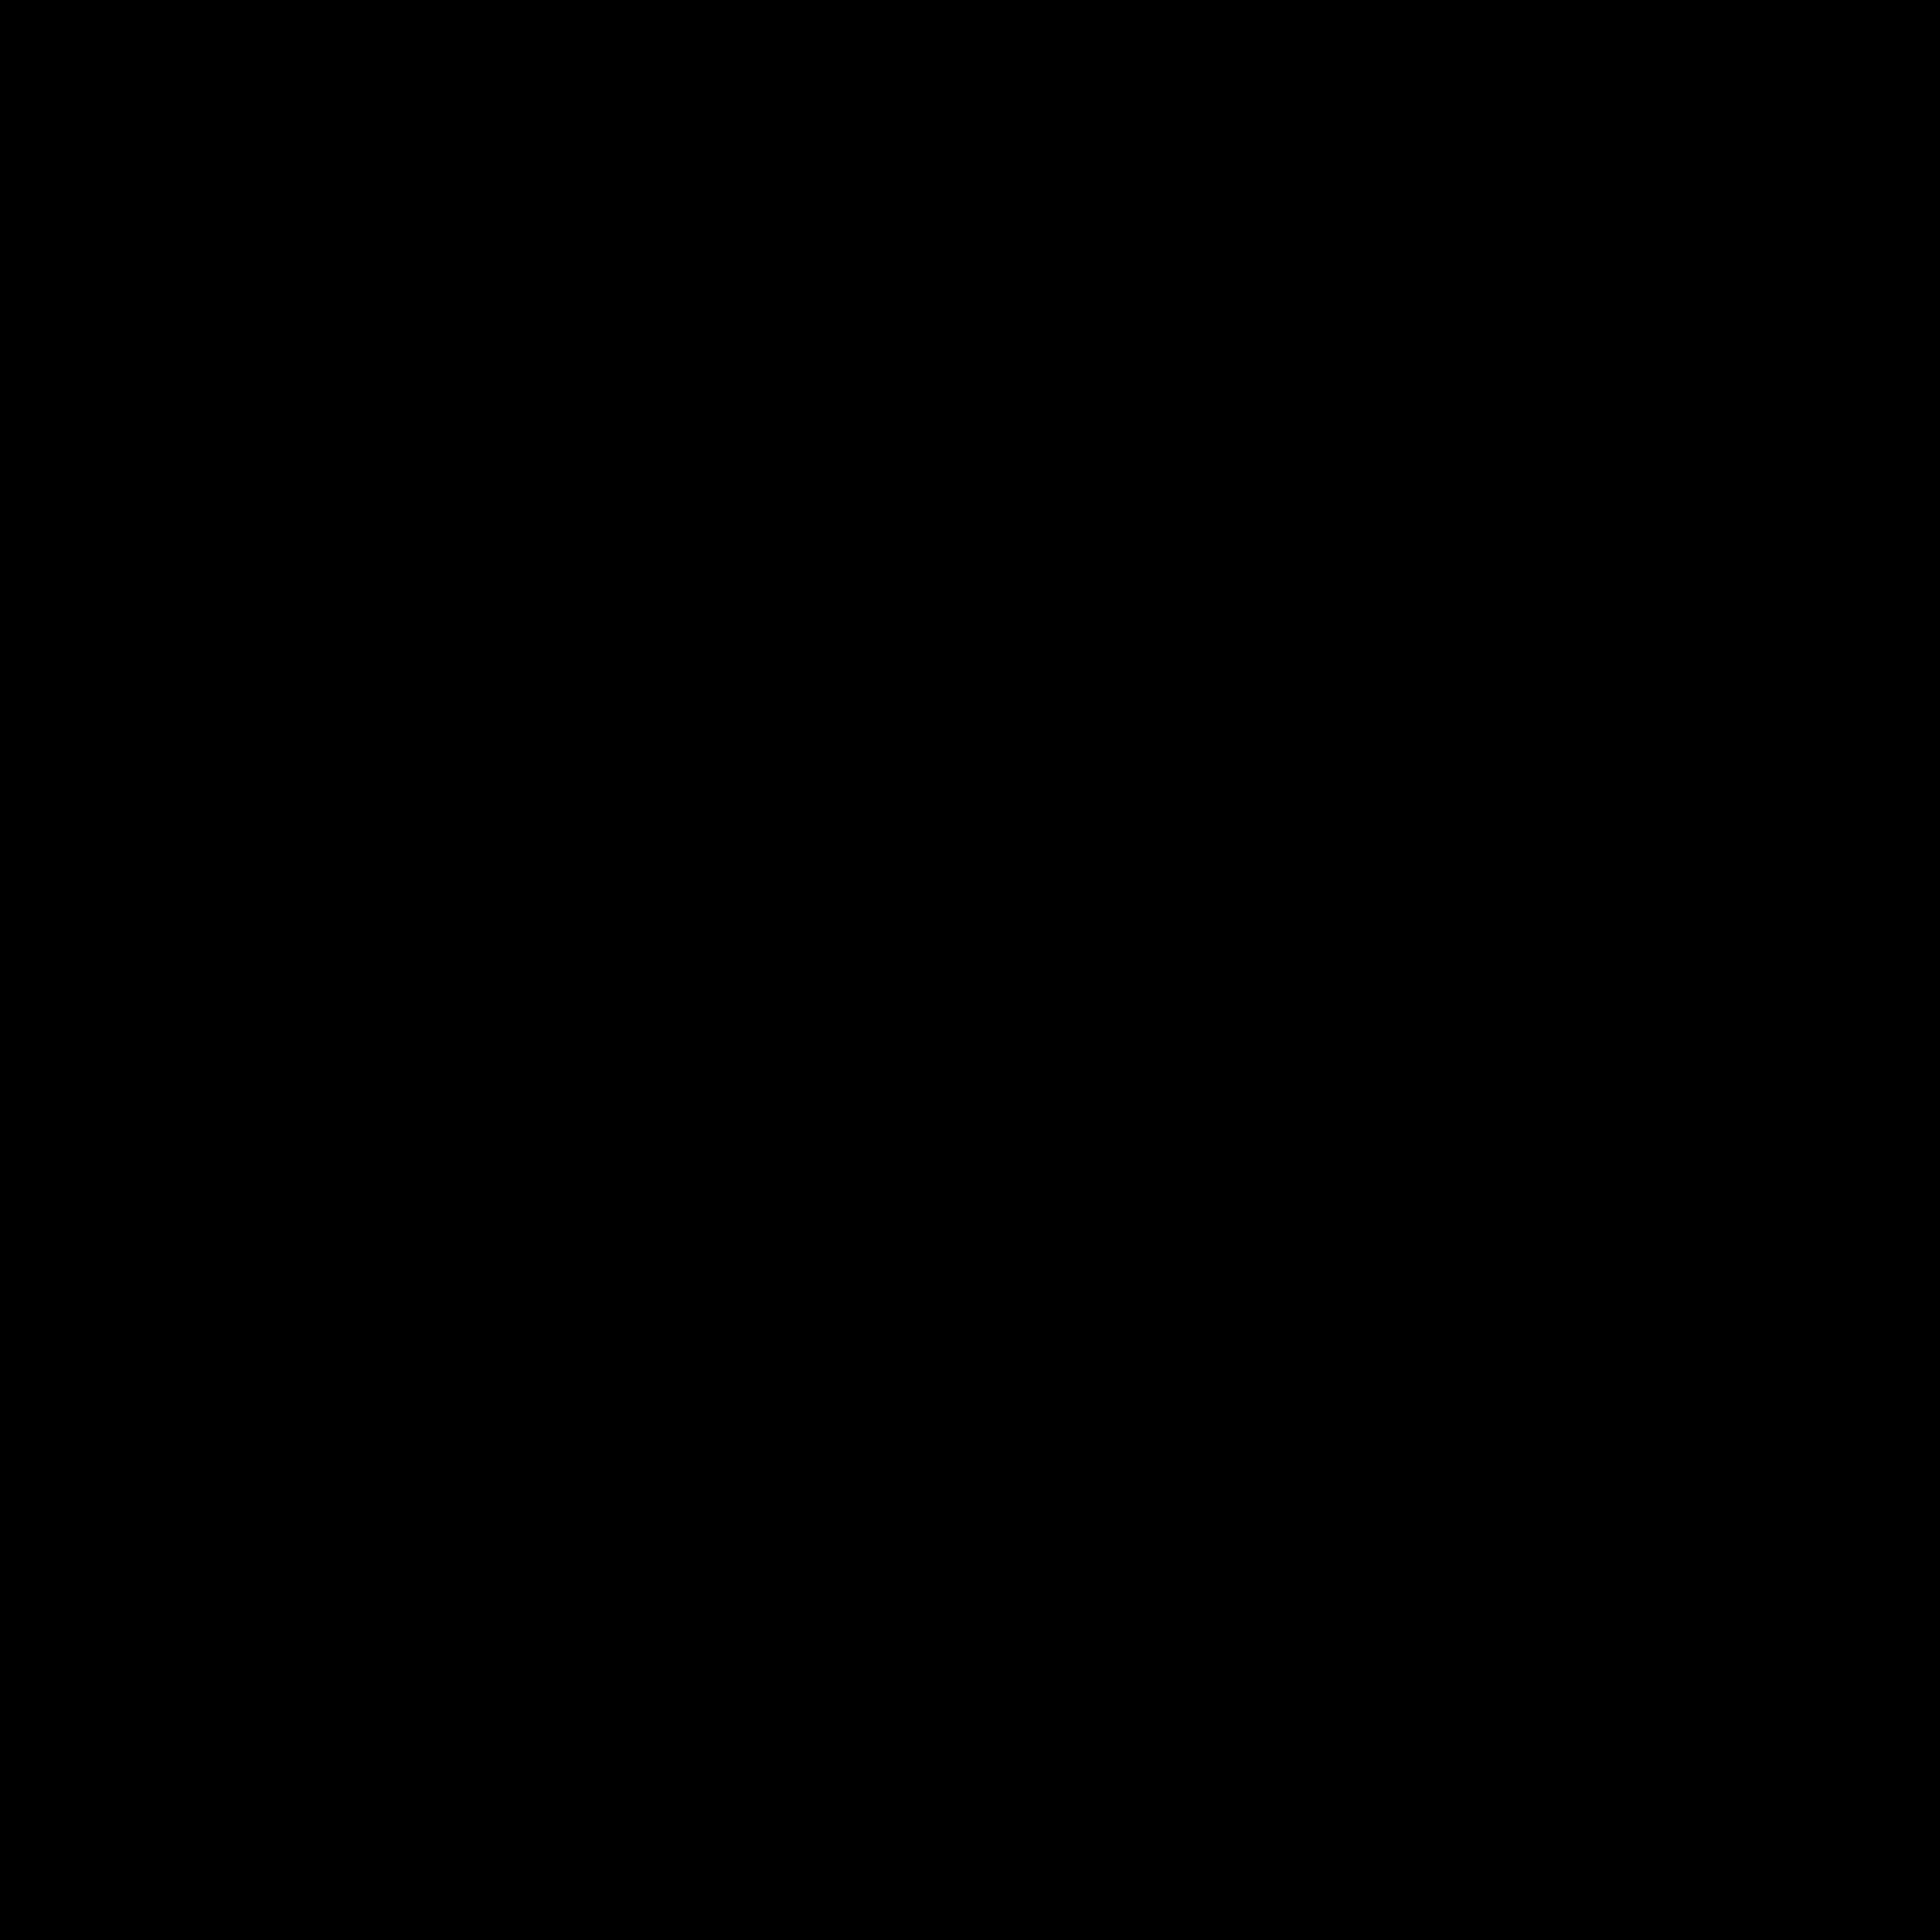 logo 13.png